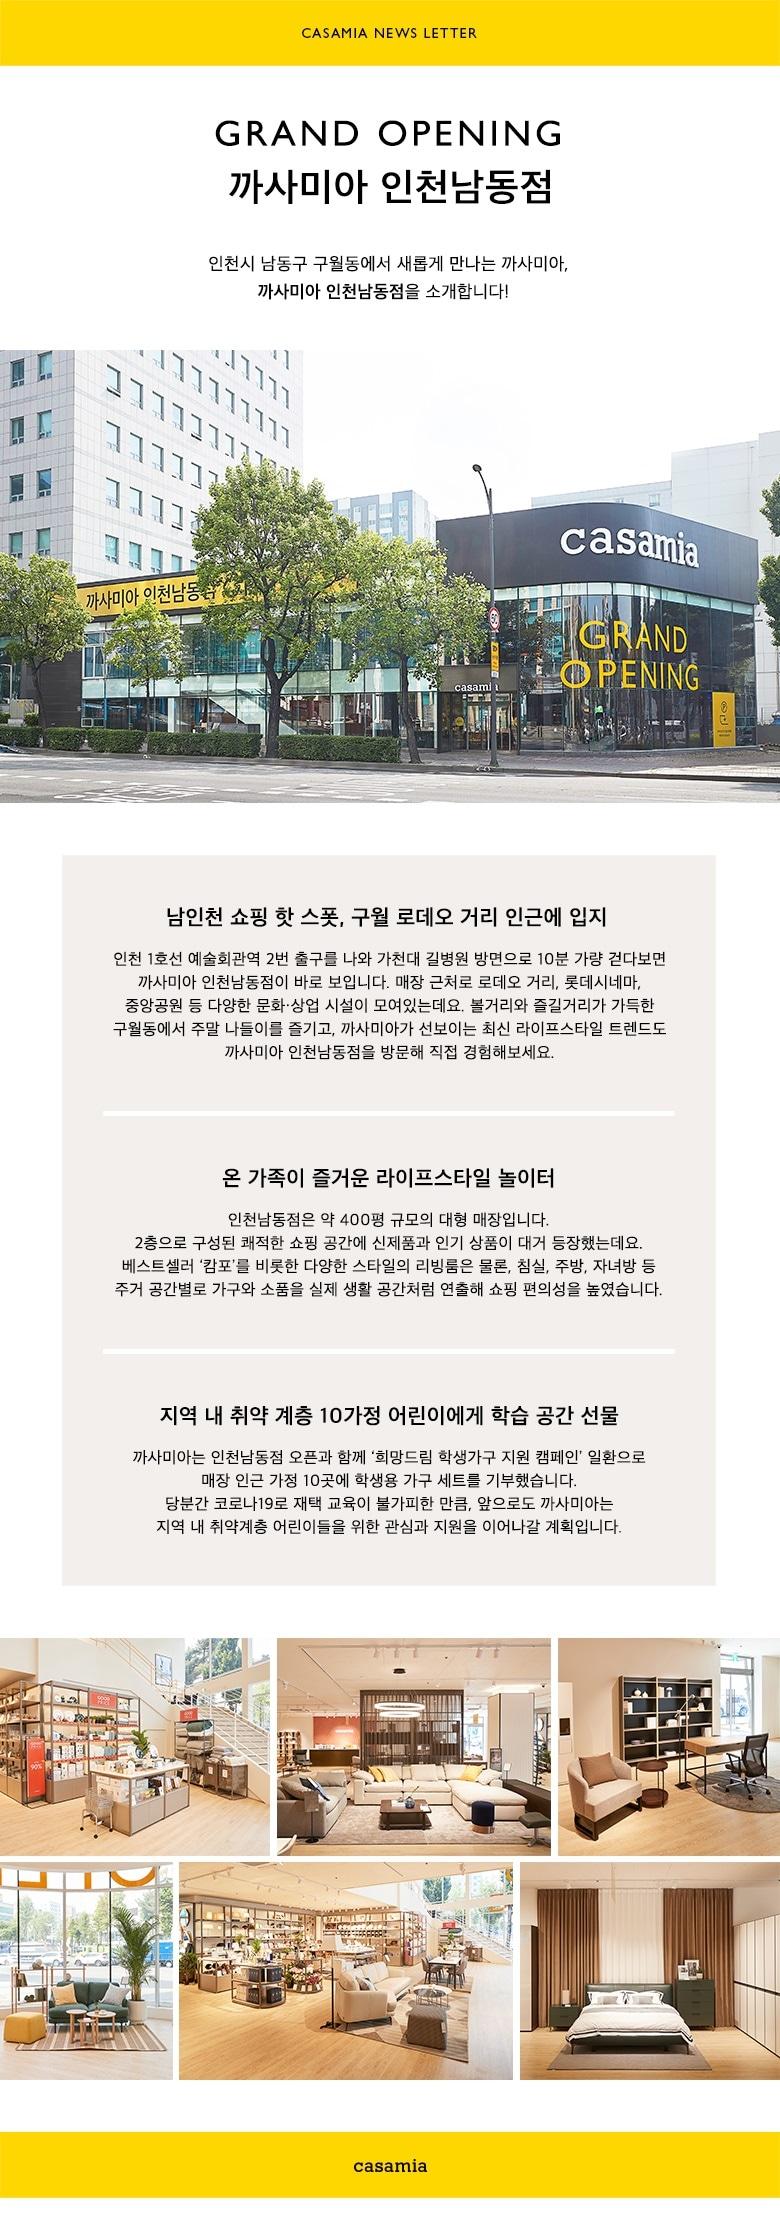 인천남동점매장이미지